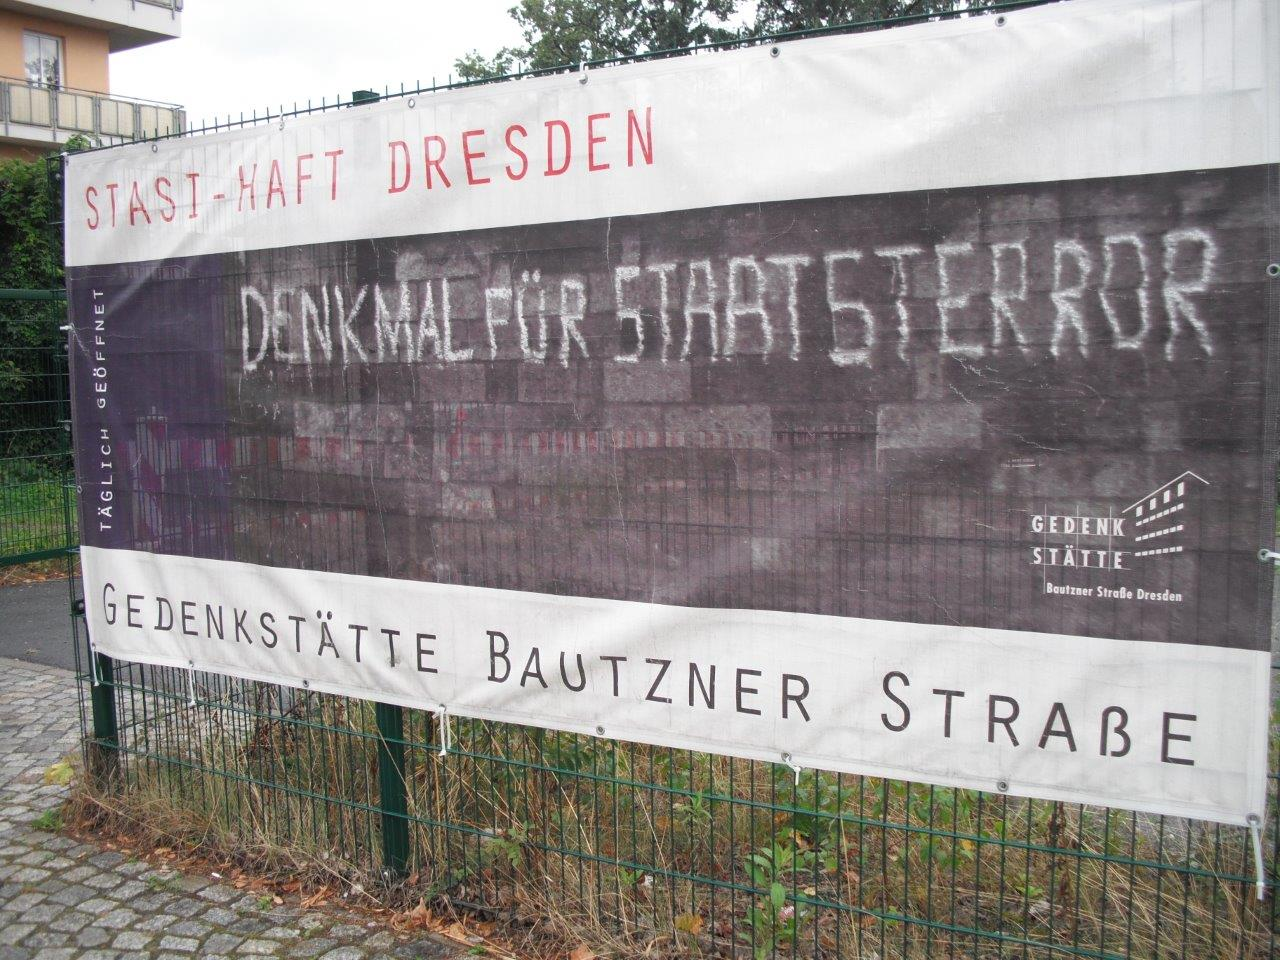 Gedenkstätte Bautzner Straße Dresden in Zahlen